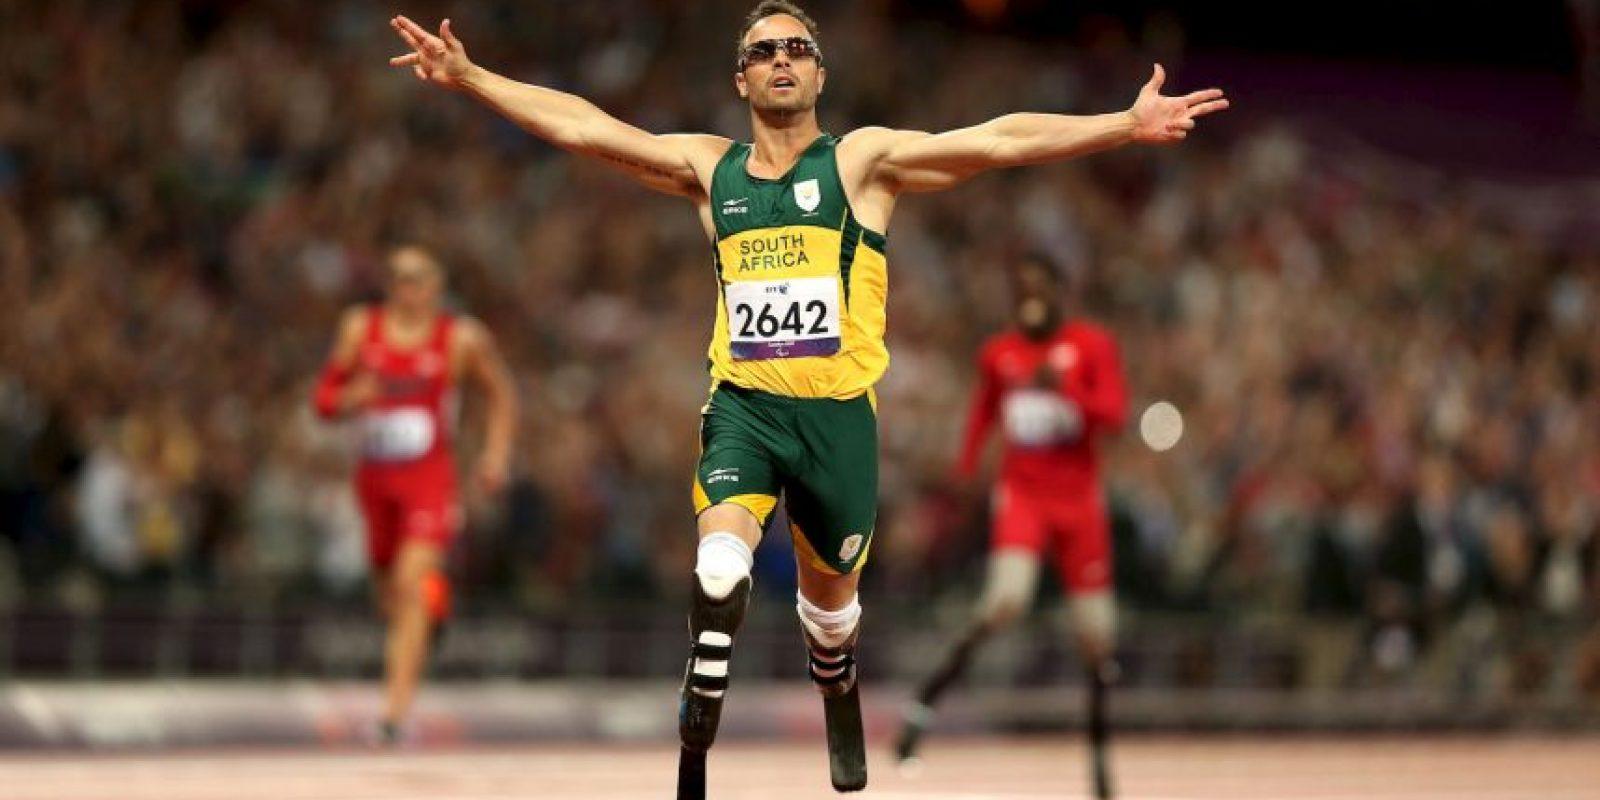 Brilló por su desempeño en las pistas, pero se hizo conocido mundialmente por asesinar a su novia, Reeva Steenkamp el 14 de febrero de 2013. Foto:Getty Images